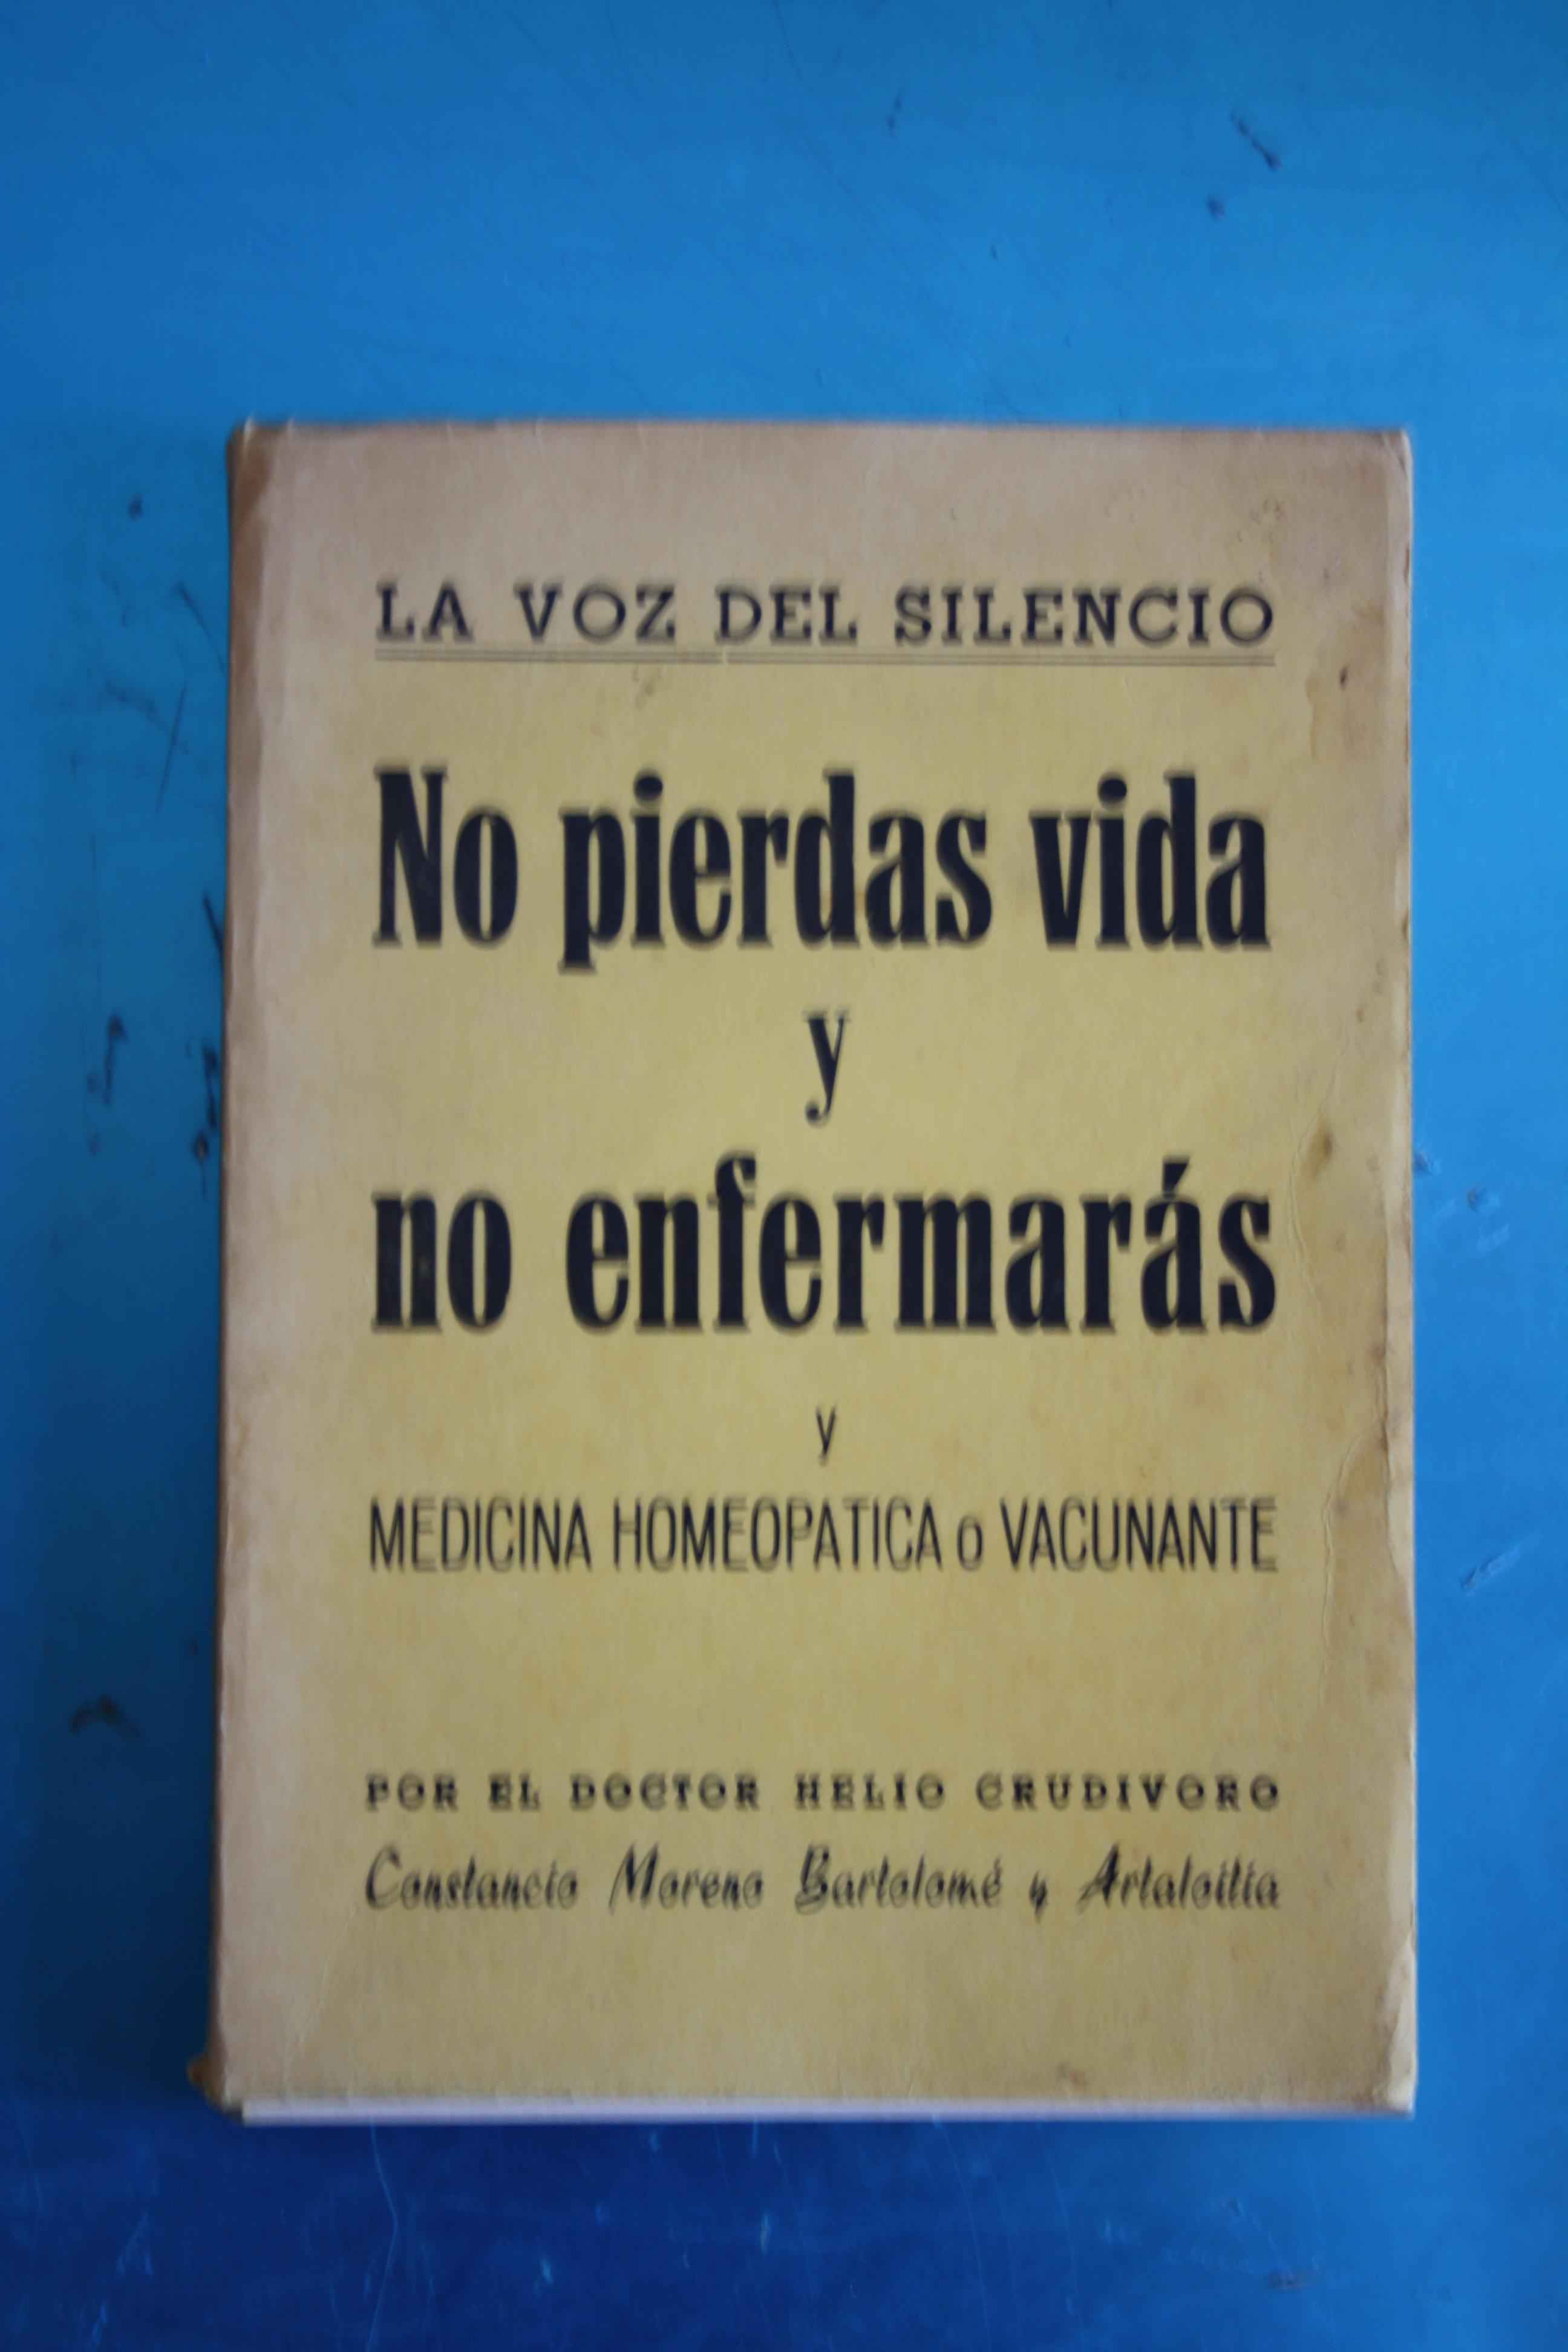 Portada de uno de los libros de don Constancio Moreno Bartolomé